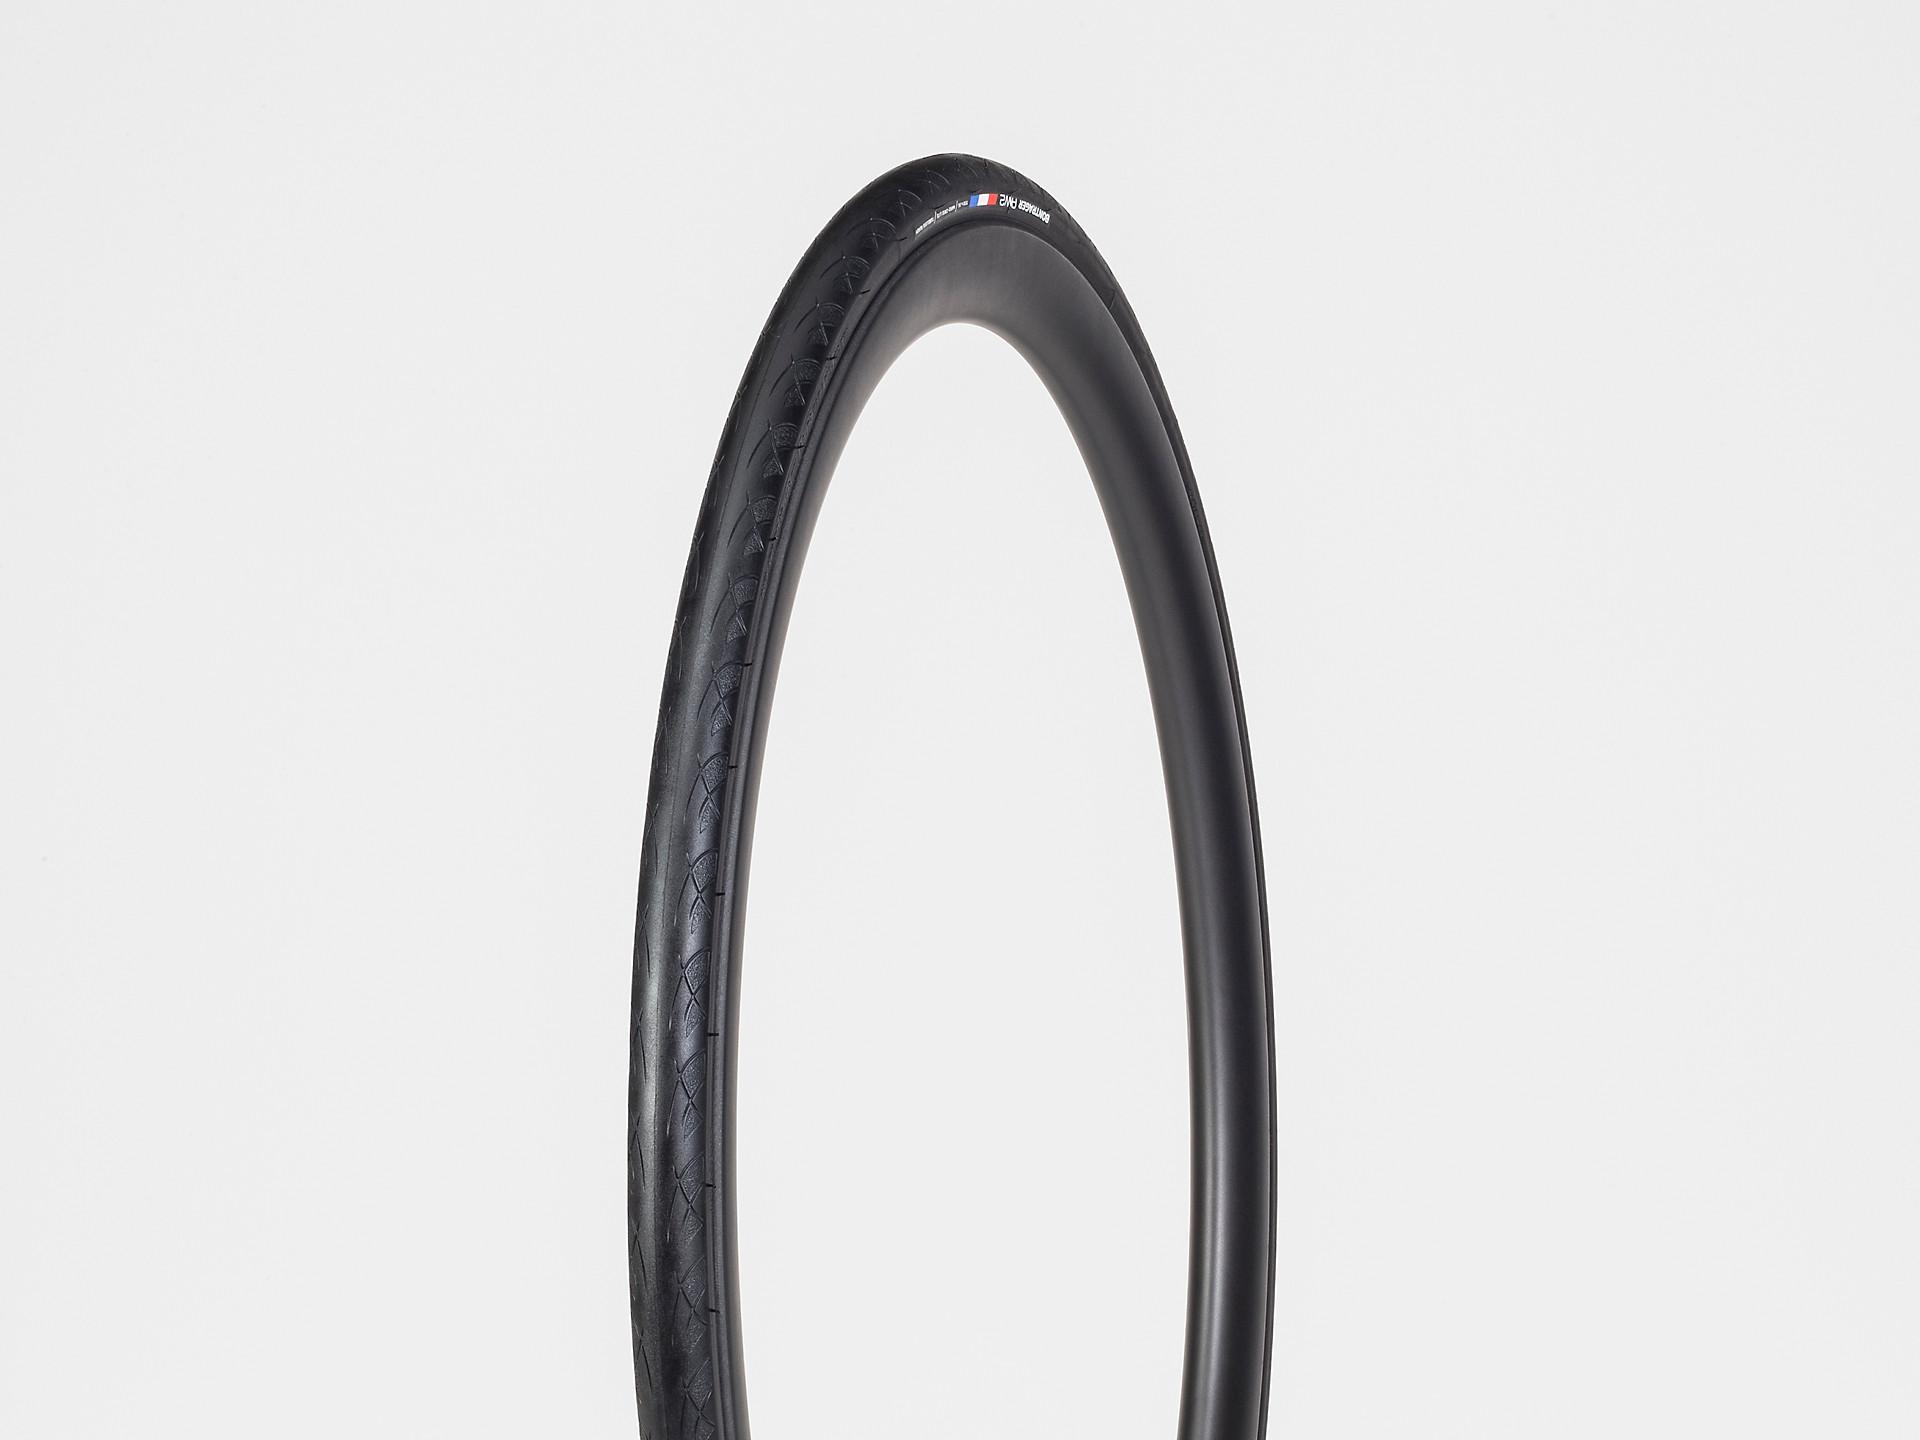 Bontrager AW2 Hard-Case Lite TLR fietsband